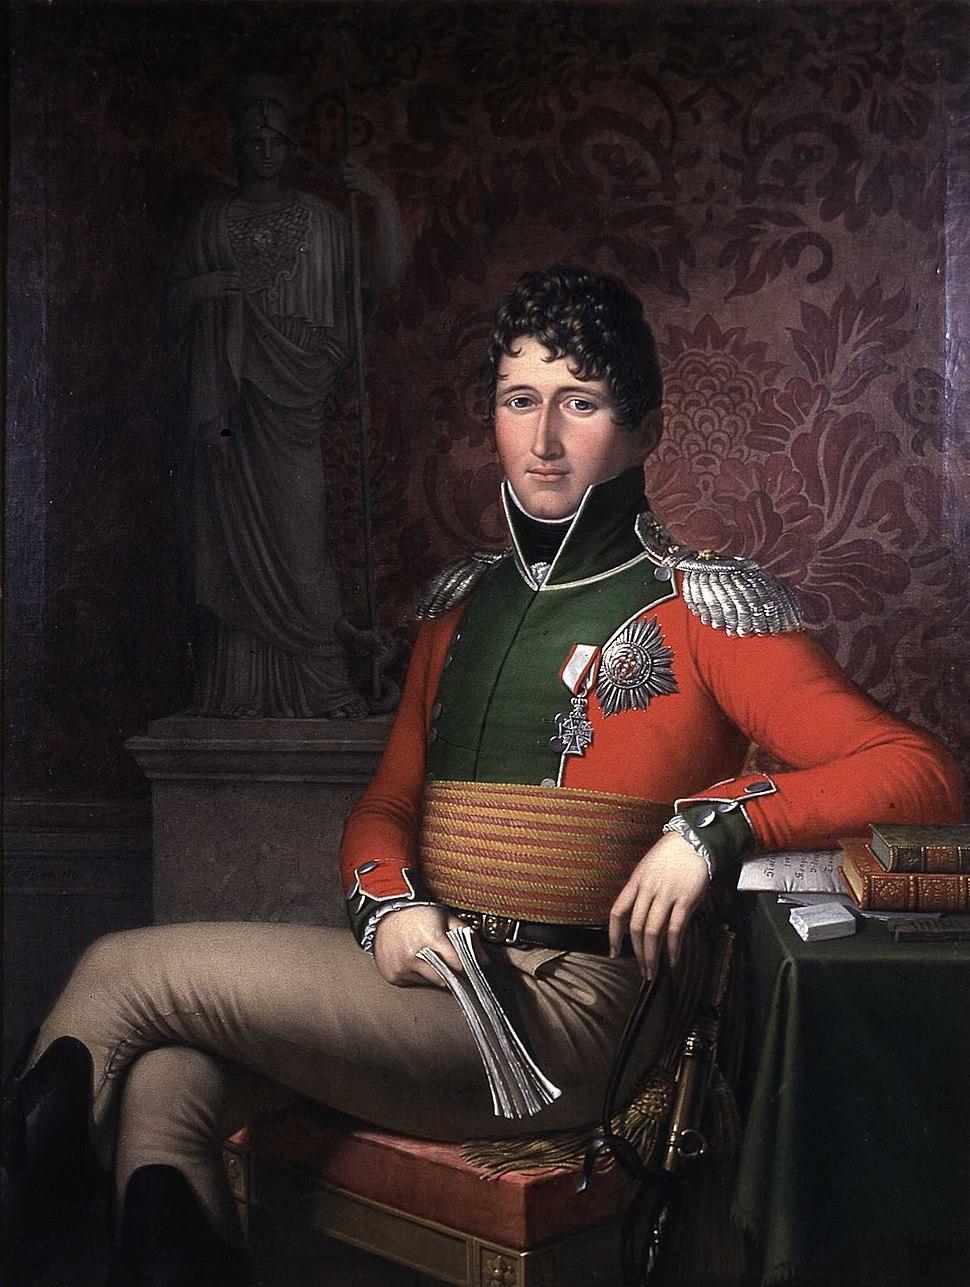 Christian Frederik J. L. Lund